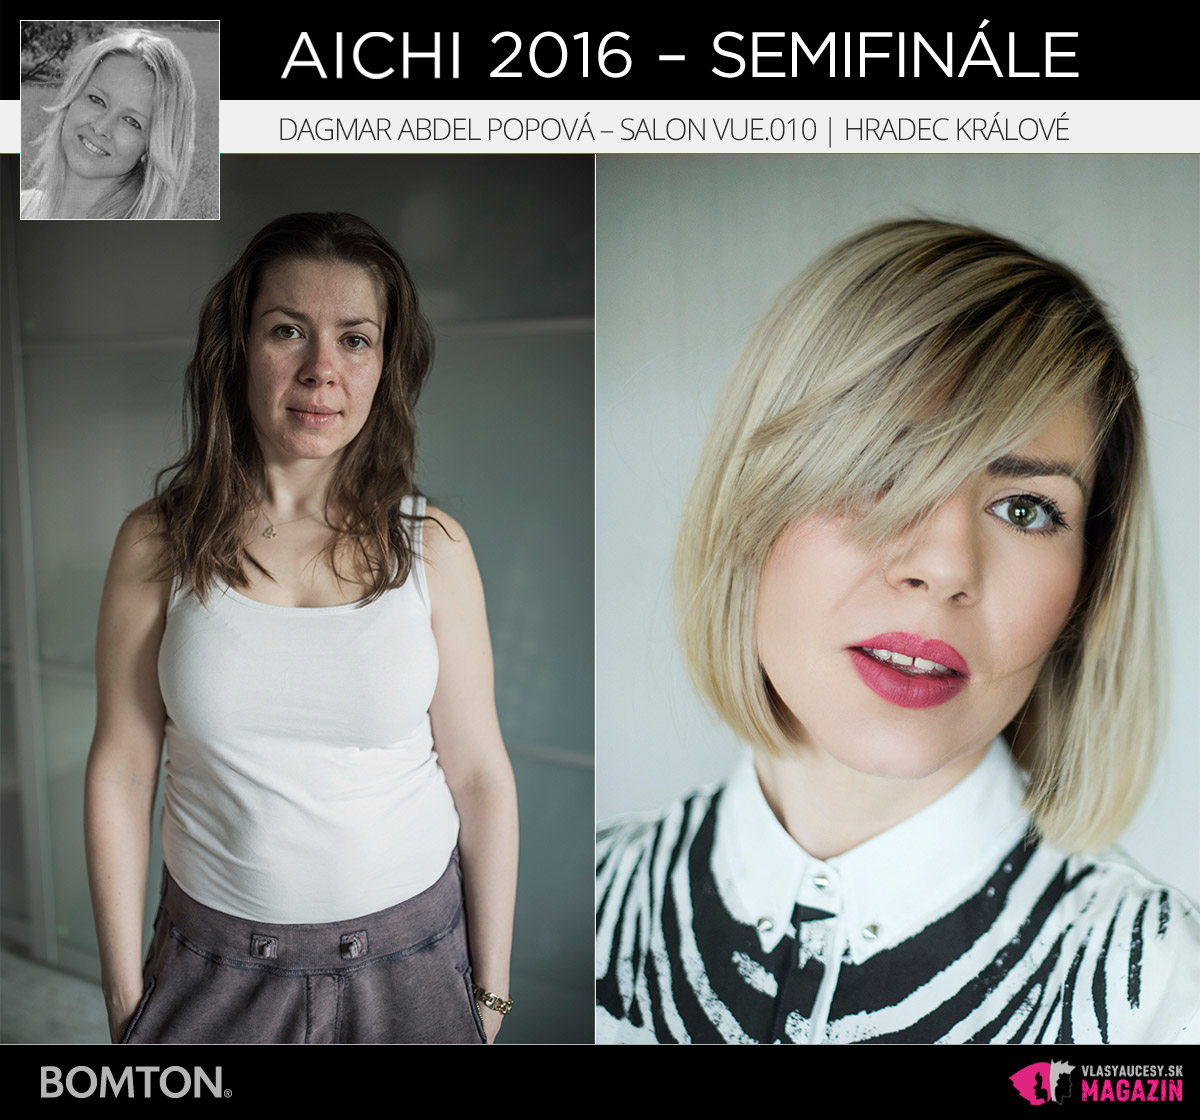 Dagmar Abdel Popová – Salon VUE.010, Hradec Králové | Premeny AICHI 2016 – postupujúci do semifinálového kola